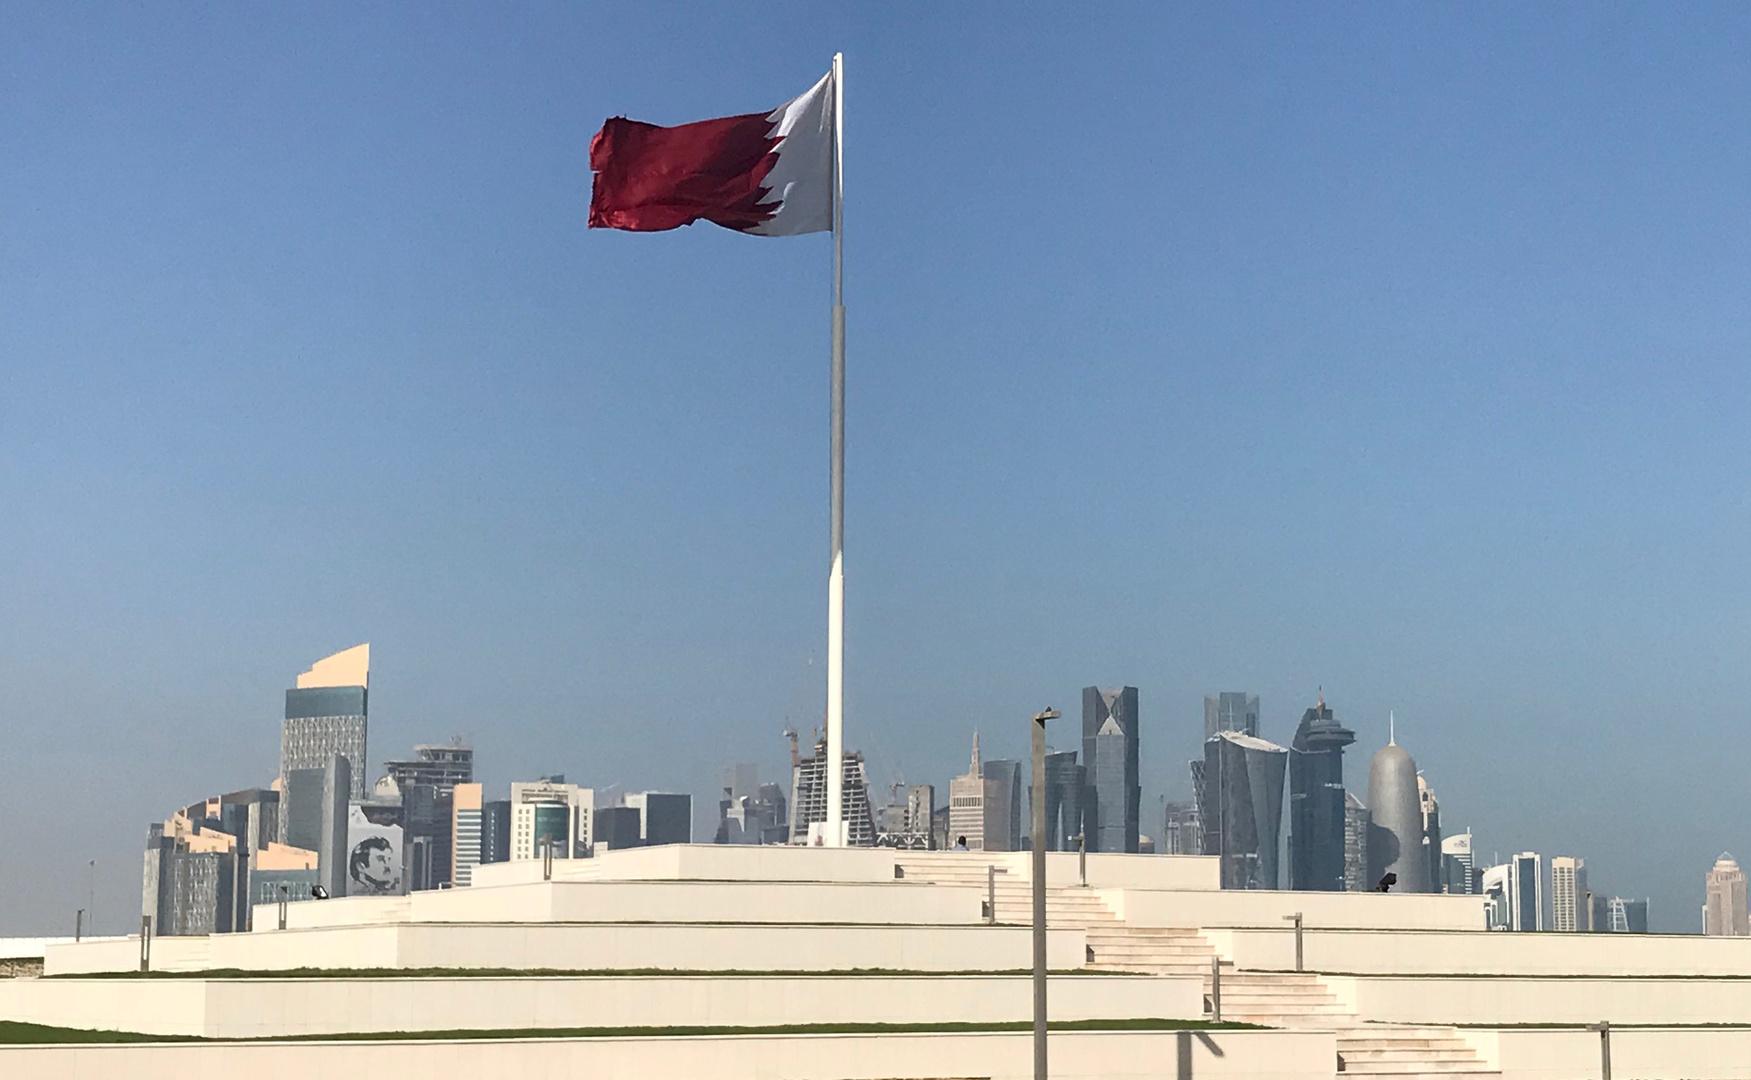 قطر: قمة العلا جاءت لتعزيز أواصر التآخي وترسيخ حسن الجوار